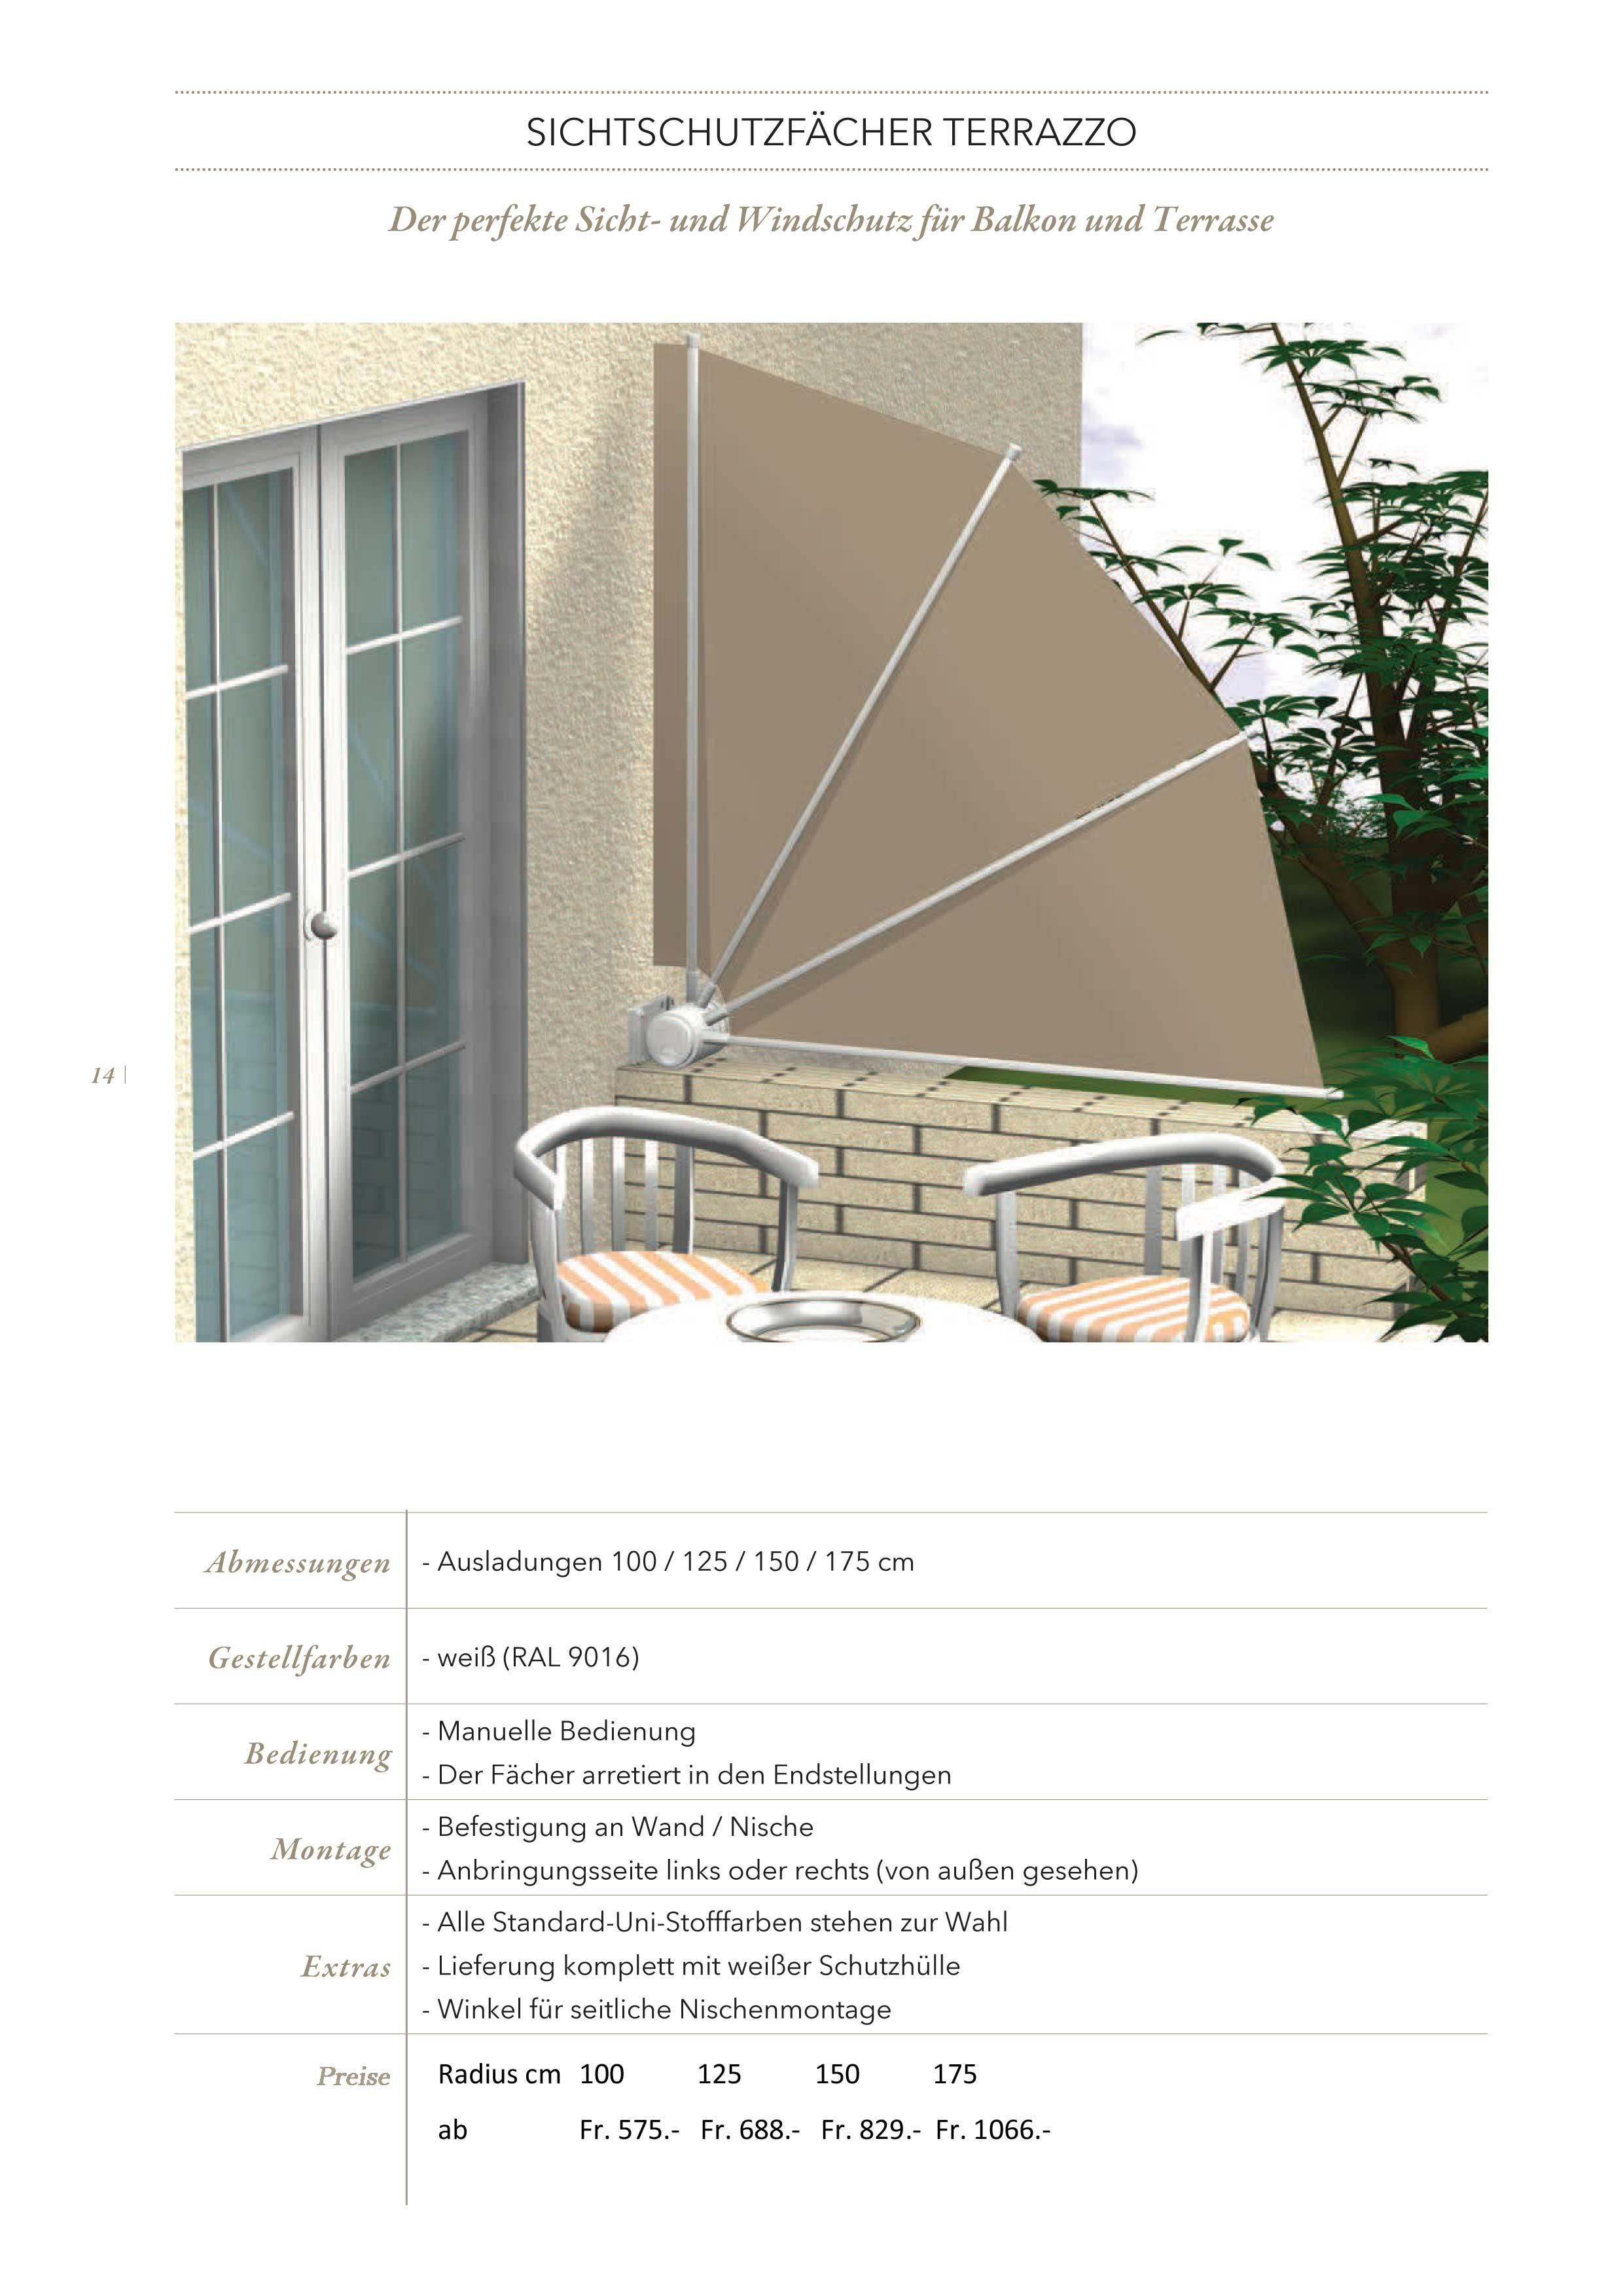 Sichtschutz Sichtschutzfacher Hobi Wohnschreinerei Ag